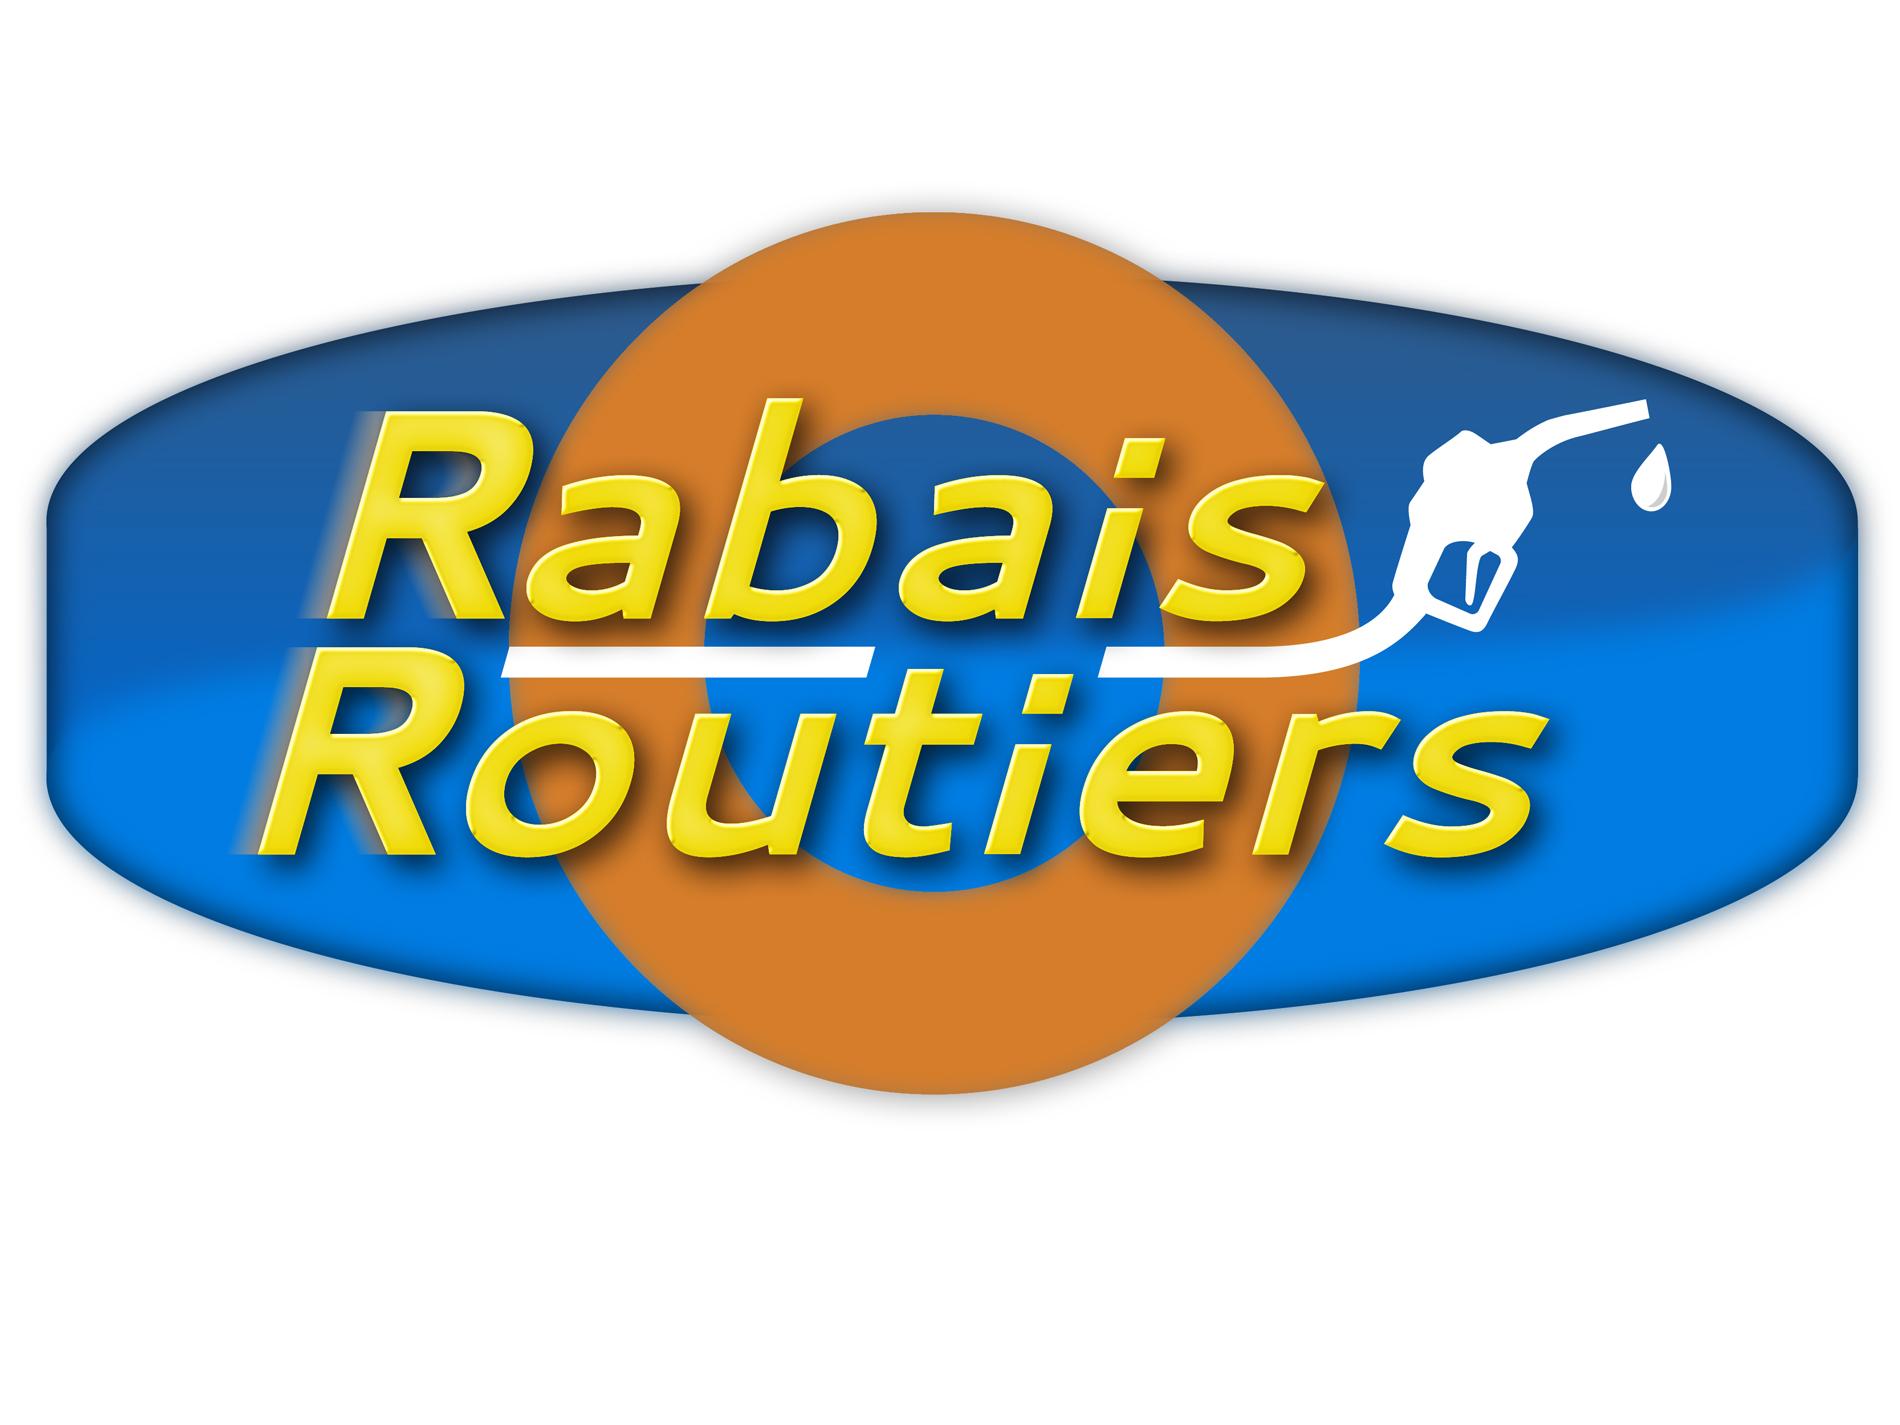 Rabais Routiers